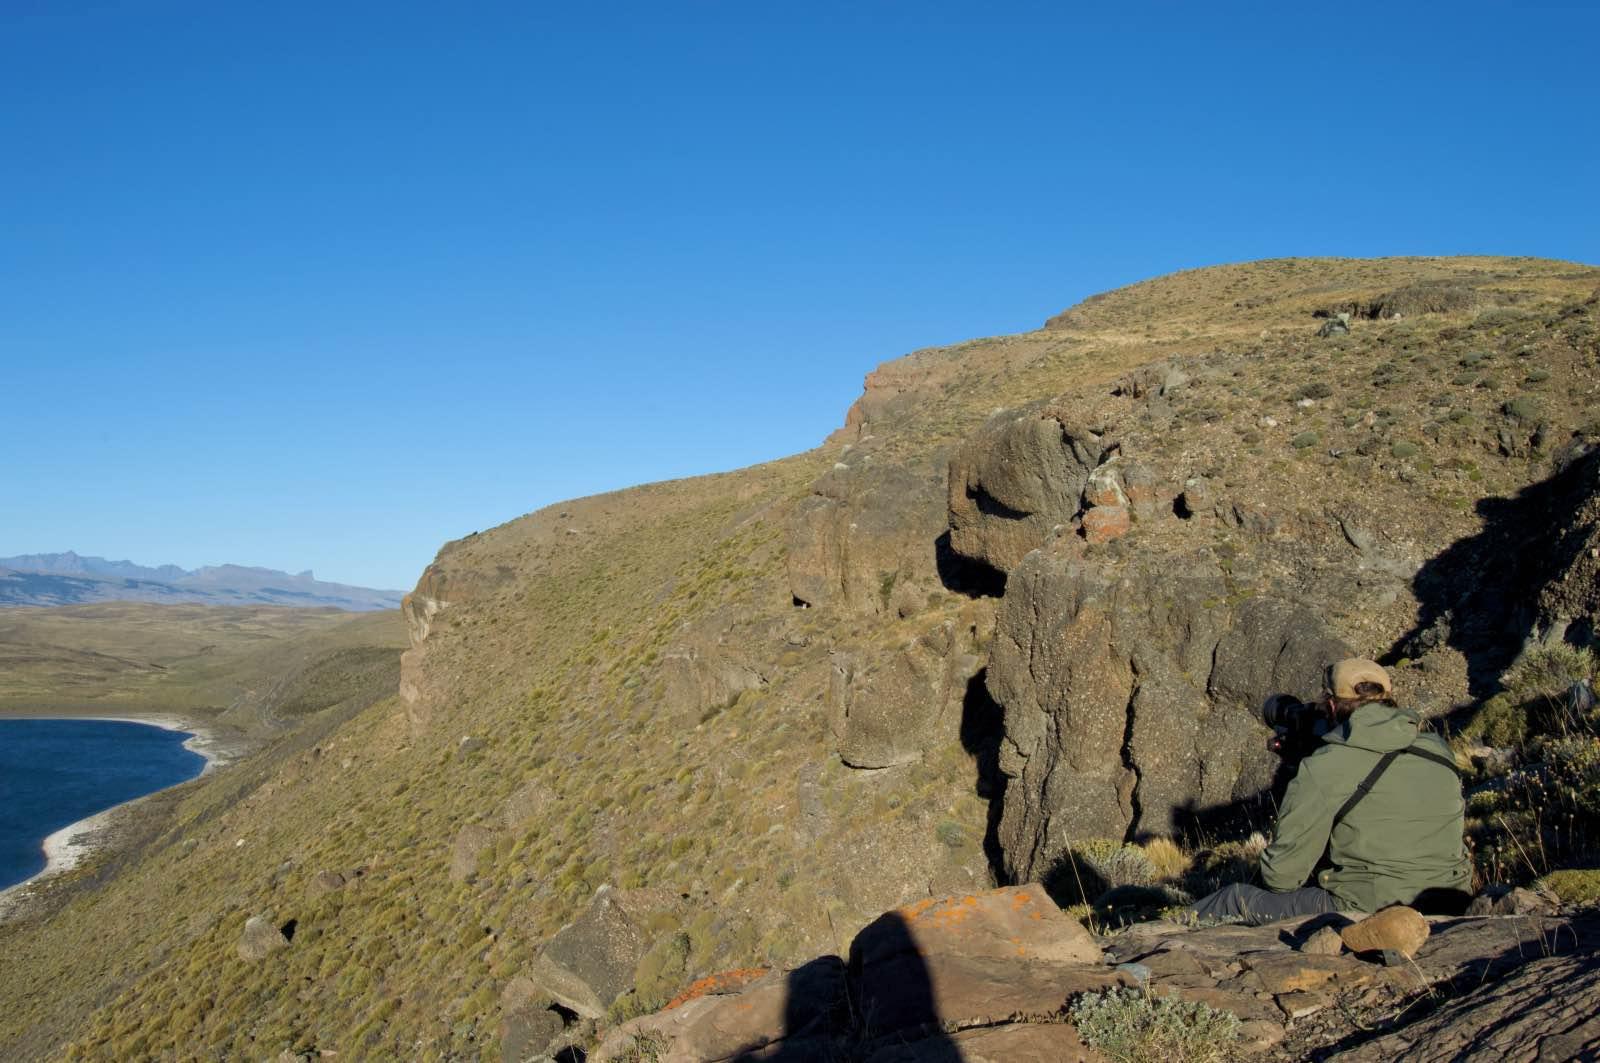 Puma tracking, Laguna Amarga, Torres del Paine